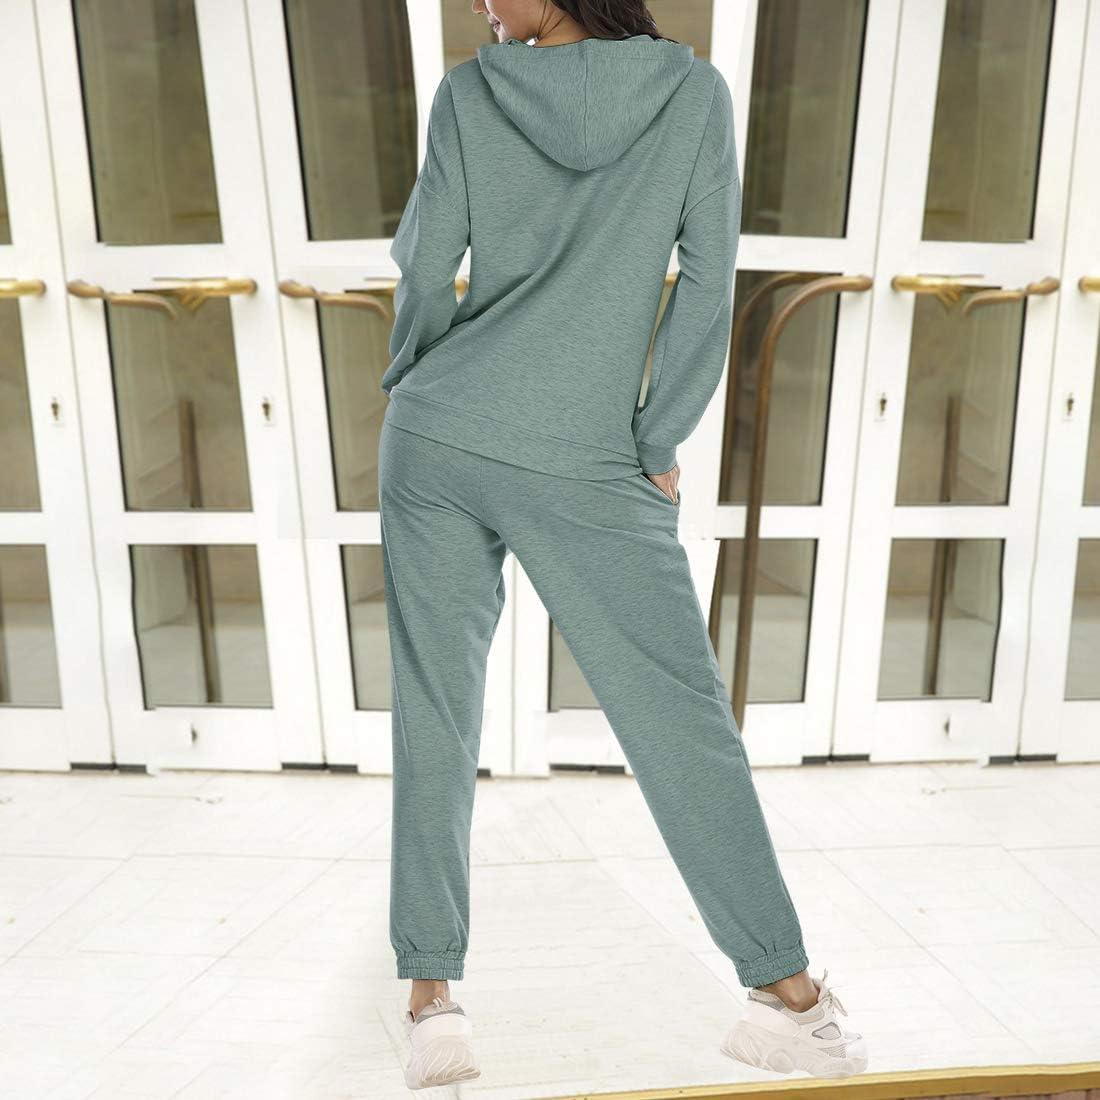 MoneRffi Womens Tracksuit Set Jogging Suit 2 Pieces Set Outfits Hoodie Leisure Suit Sportswear Clothing Set Leisurewear Sports Suit For Women